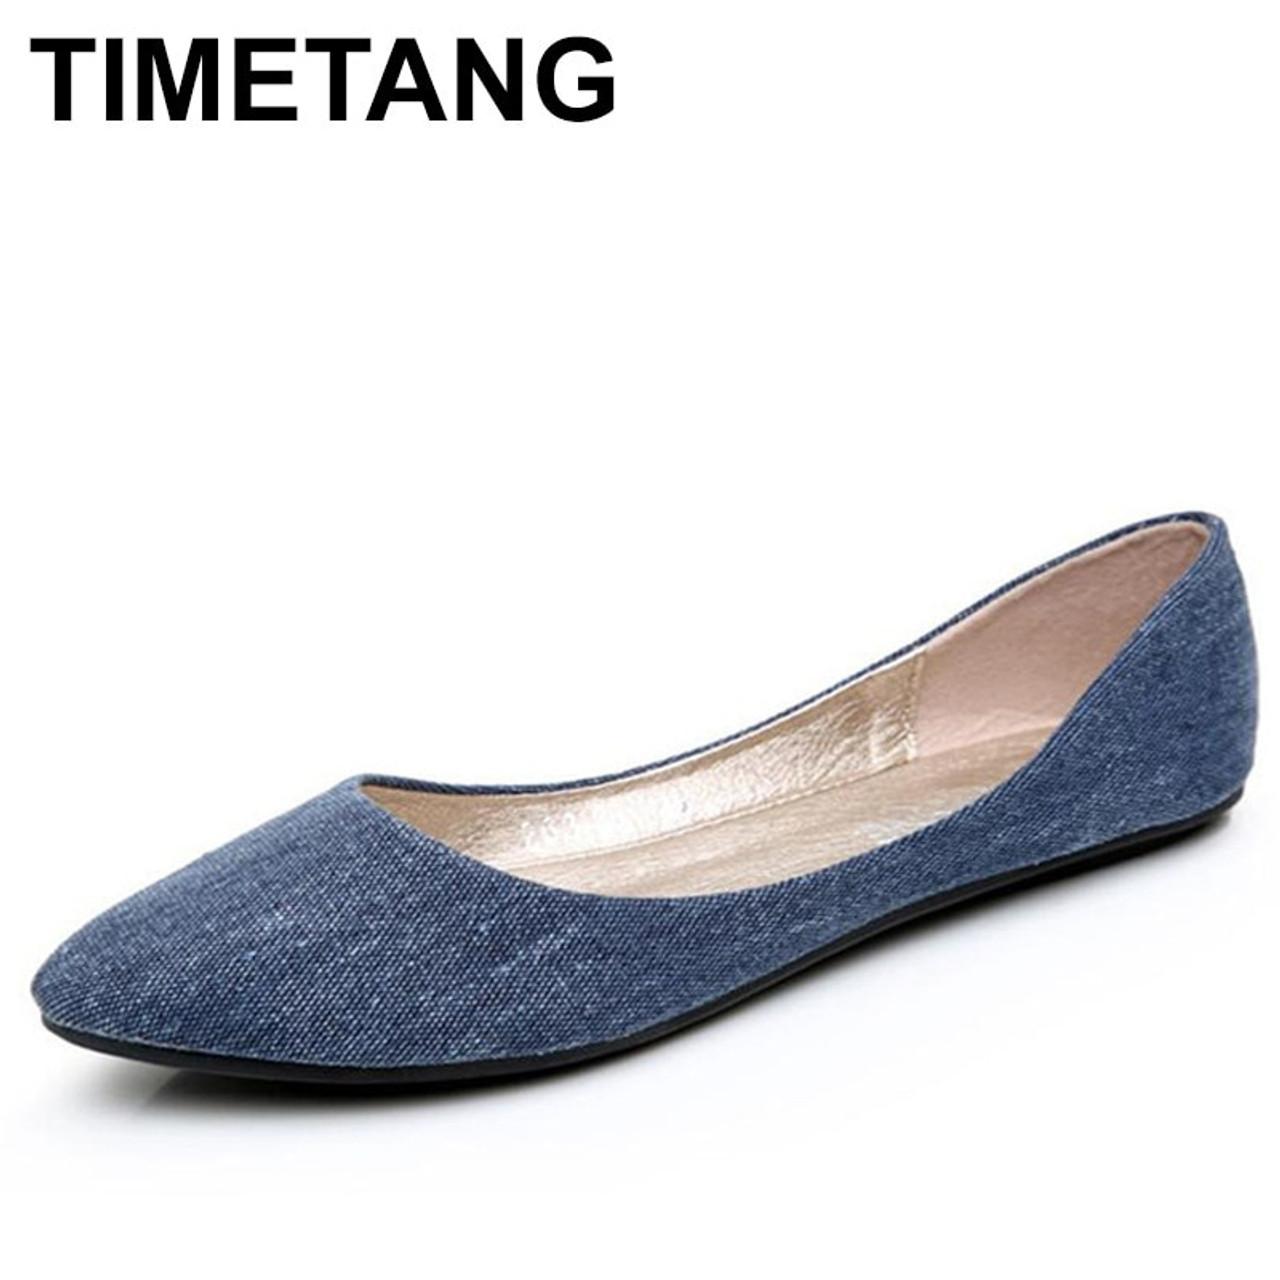 TIMETANG New Women Soft Denim Flats